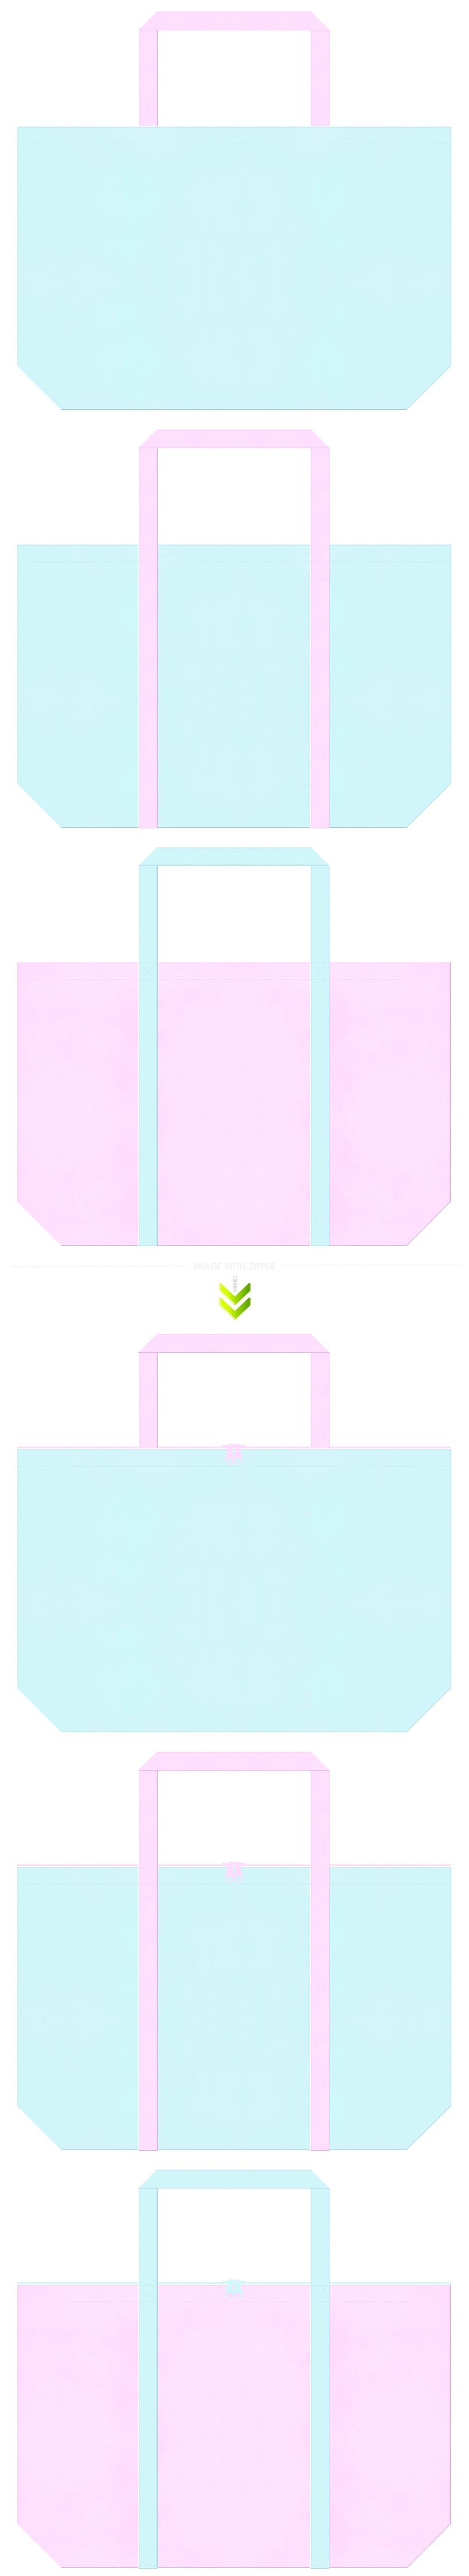 水色と明るいピンク色の不織布エコバッグのデザイン。浴衣・石鹸・シャンプー・入浴剤・バス用品・アニマルケアにお奨めの配色です。マーメイド風。